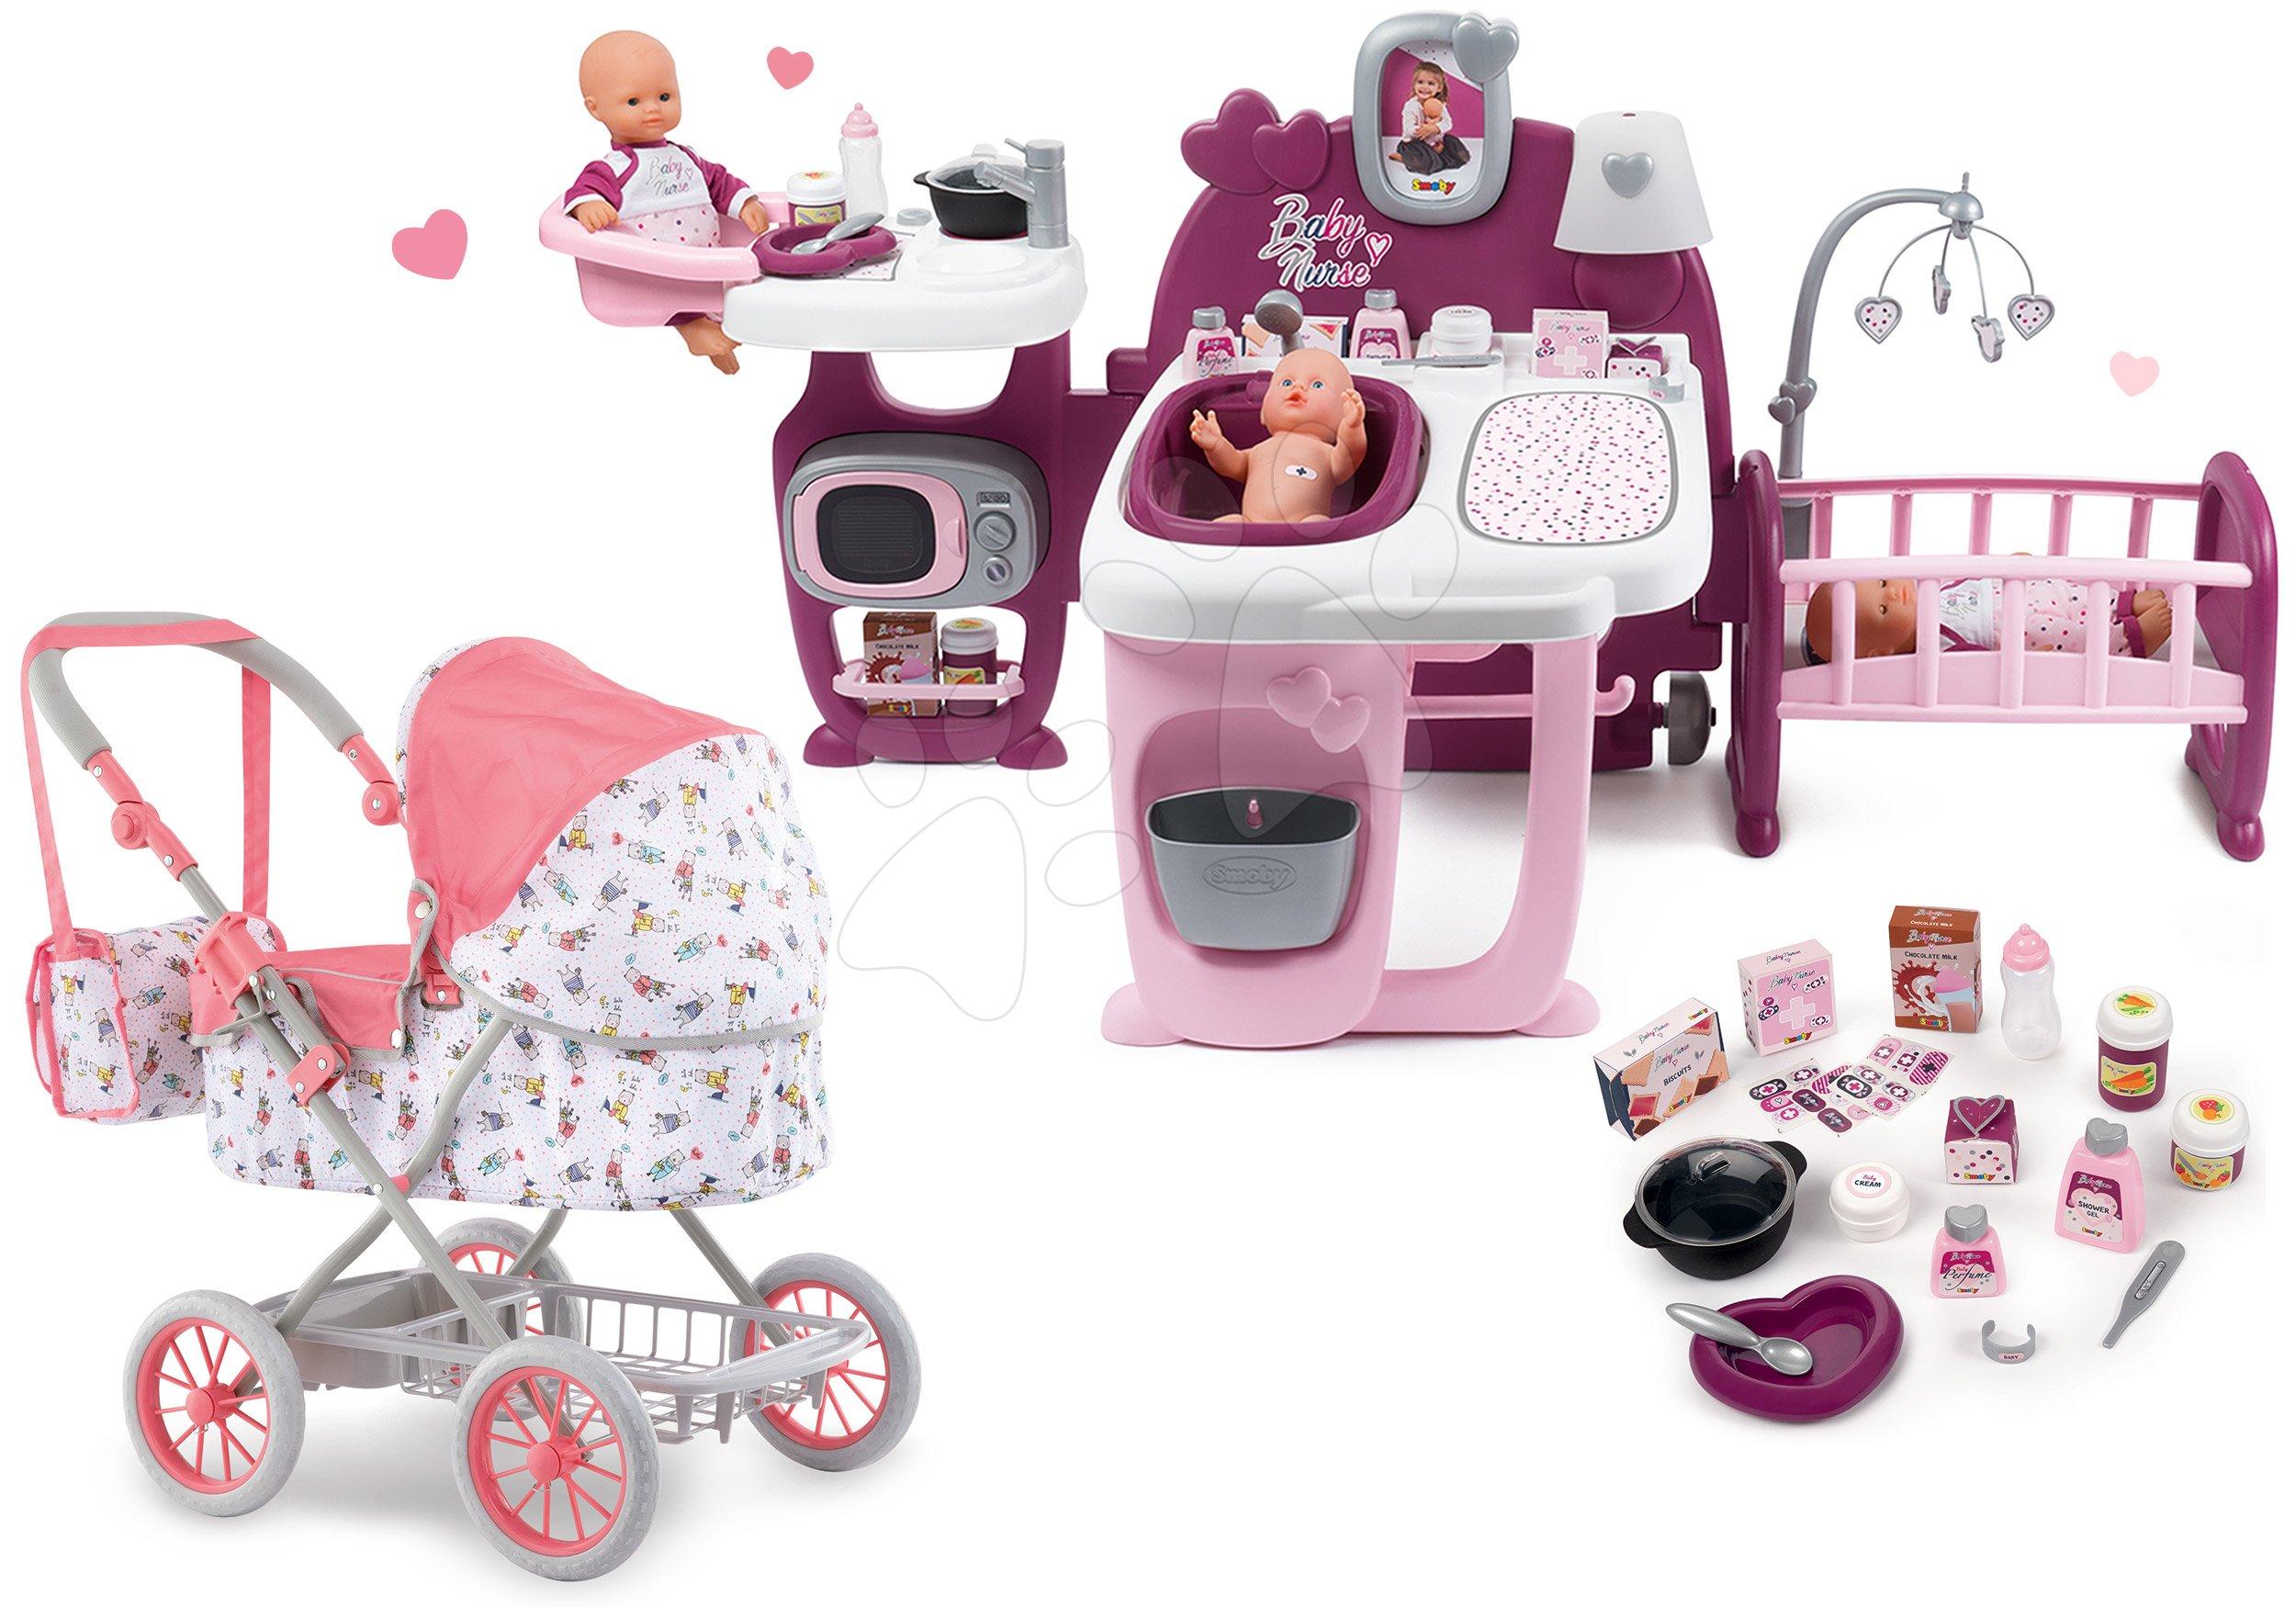 Set domeček pro panenku Violette Baby Nurse Large Doll's Play Center Smoby a hluboký kočárek Mon Grand skládací pro 36–52 cm panenku